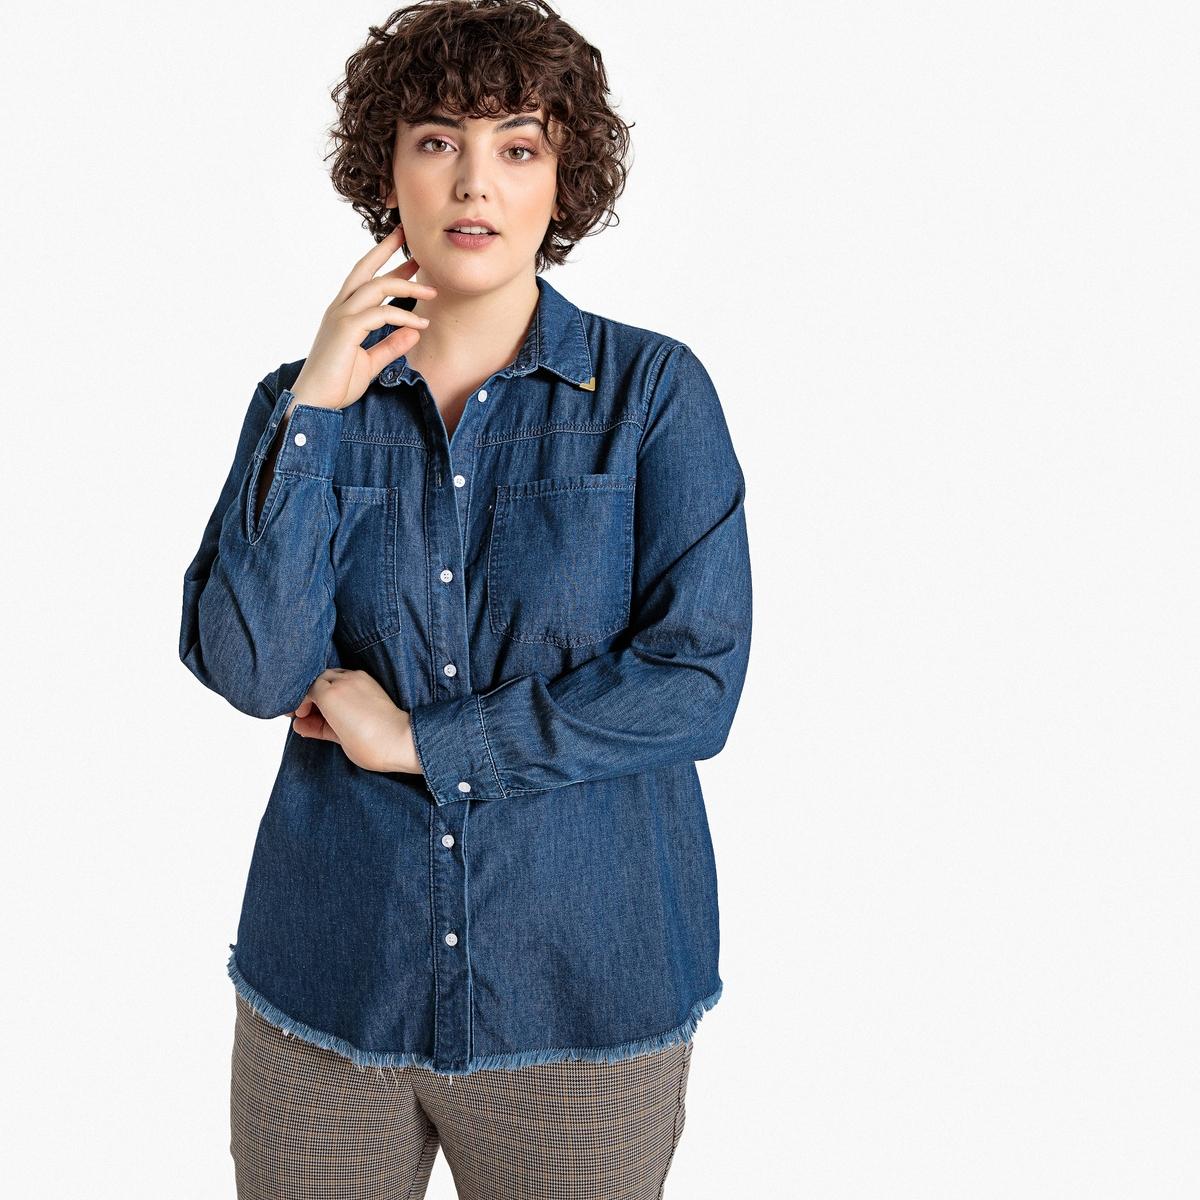 Рубашка La Redoute Джинсовая с длинными рукавами 46 (FR) - 52 (RUS) синий бушлат la redoute с рисунком клетка 34 fr 40 rus синий